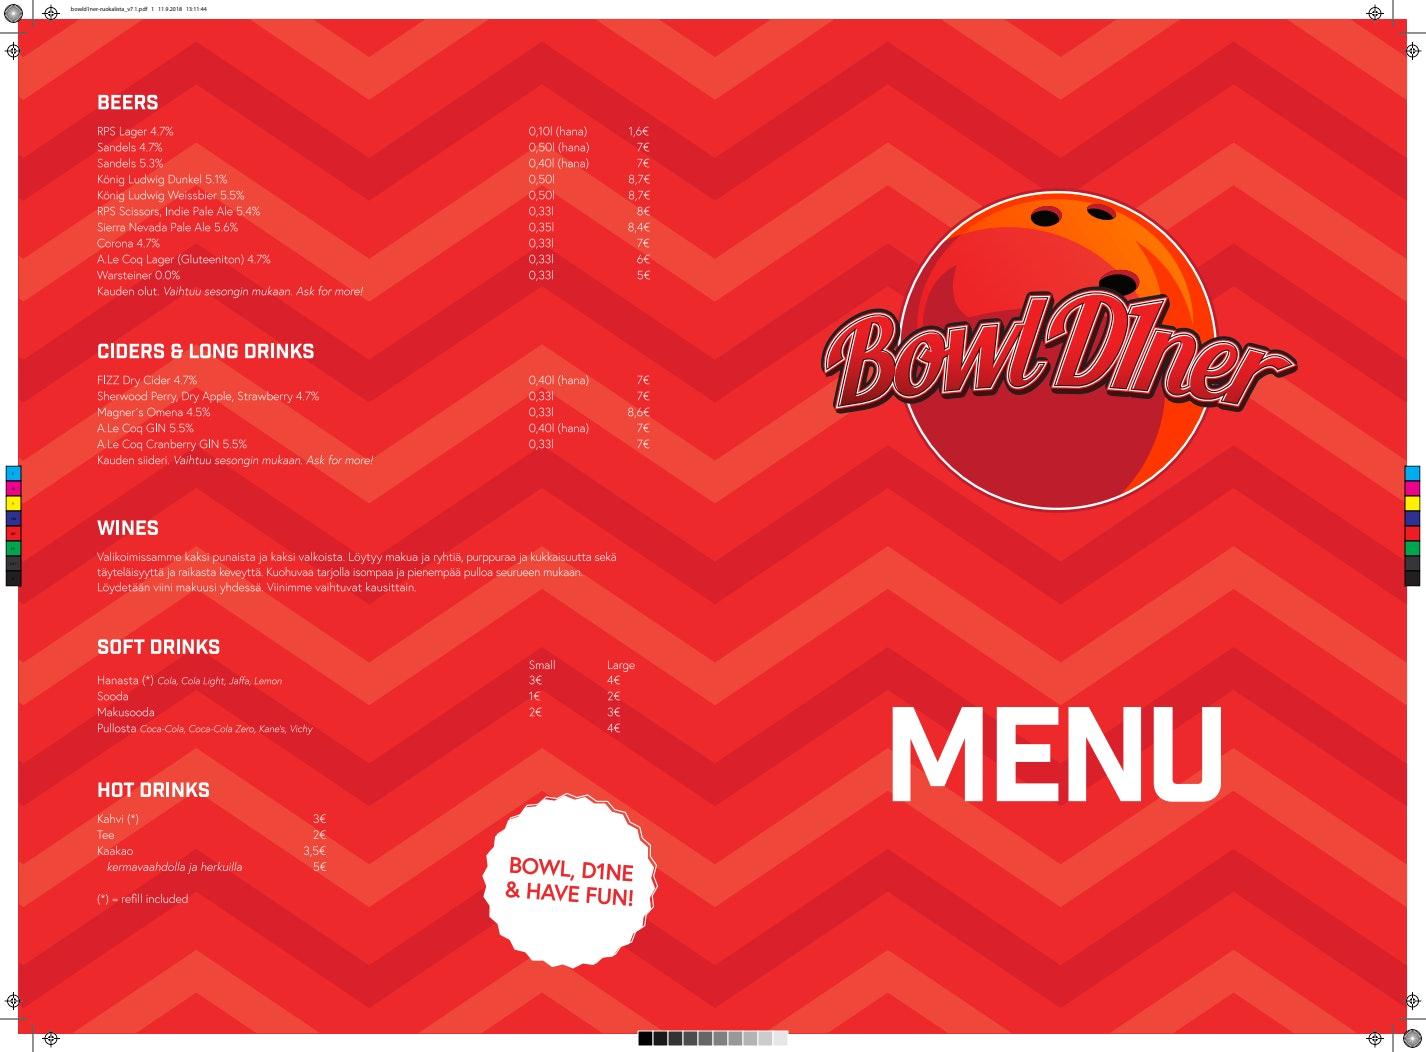 Bowl d1ner menu 1/2